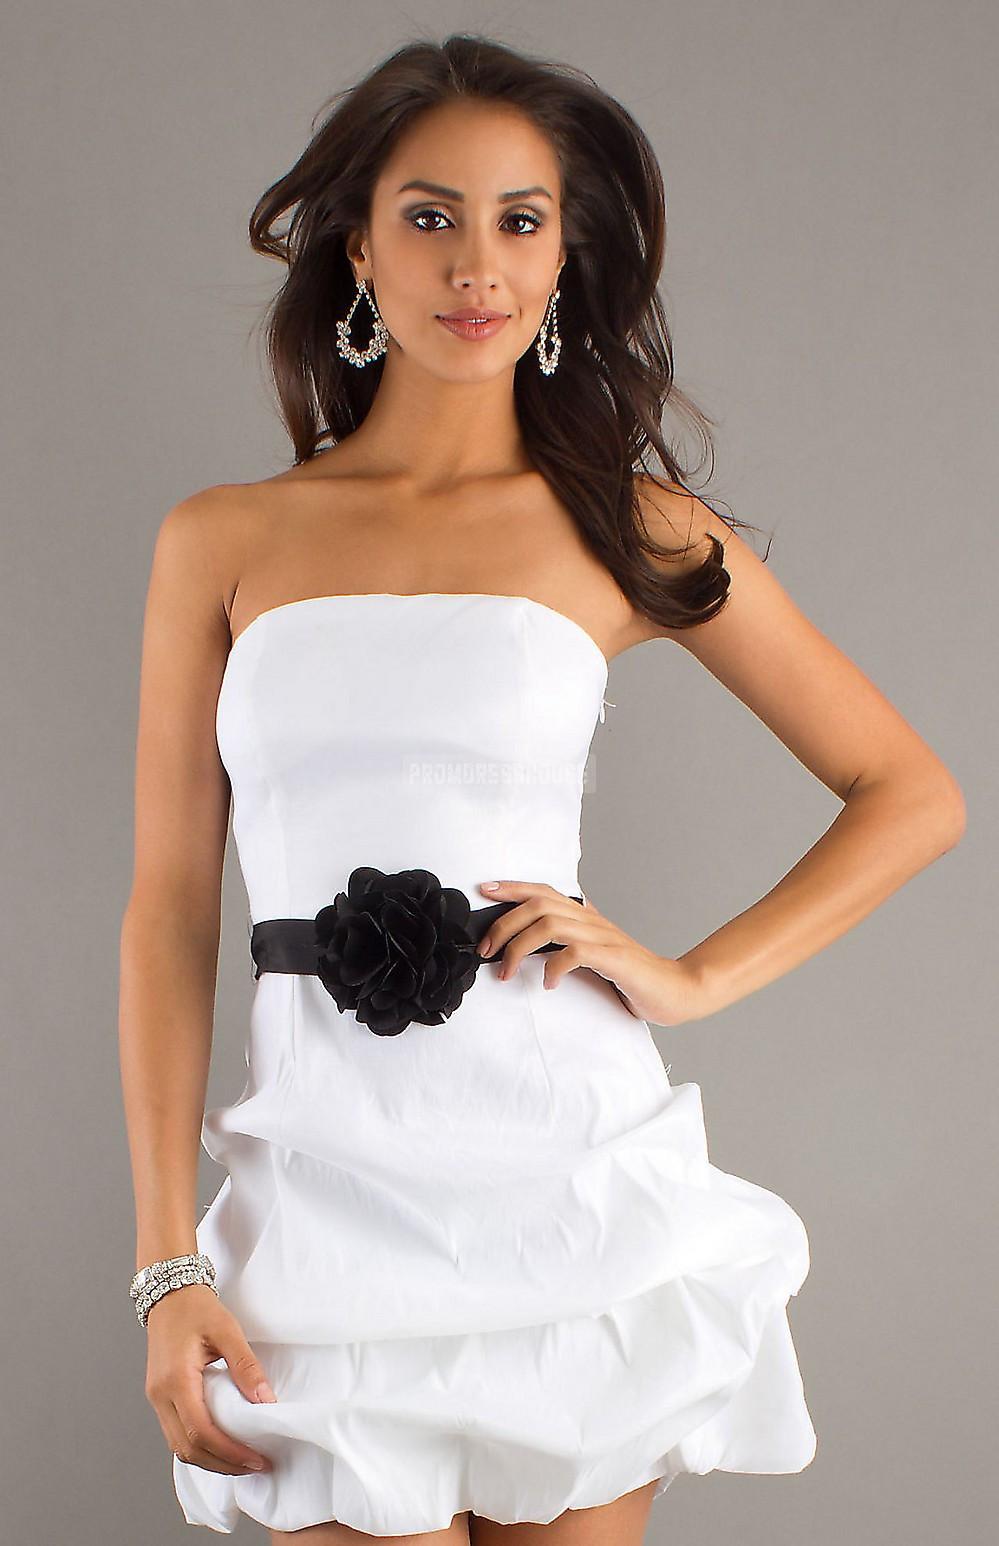 Flower Sash Ball Gown Short Length Strapless Taffeta Cocktail Dress - Promdresshouse.com